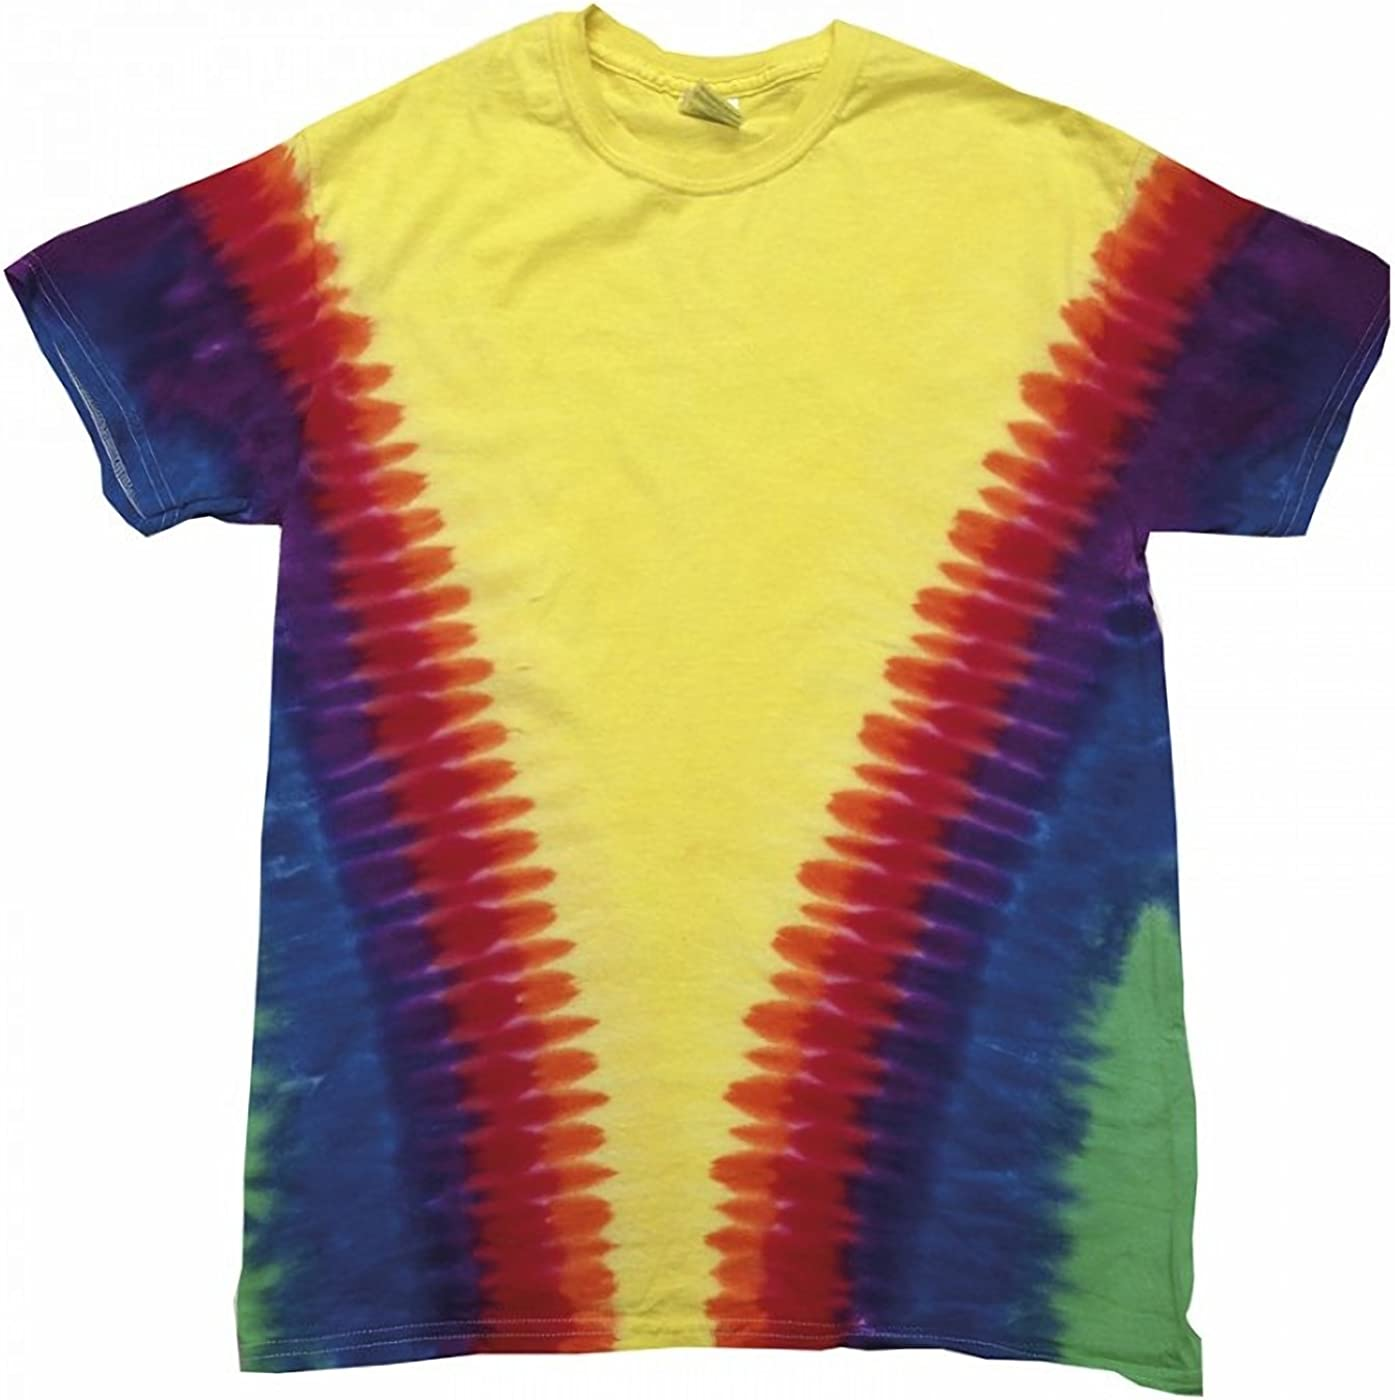 Colortone - Camiseta psicodélica Modelo Cremallera de Manga Corta para Adultos Uninex 100% Algodón- Verano Hippie (Extra Grande (XL)) (Arcoíris Vee): Amazon.es: Ropa y accesorios